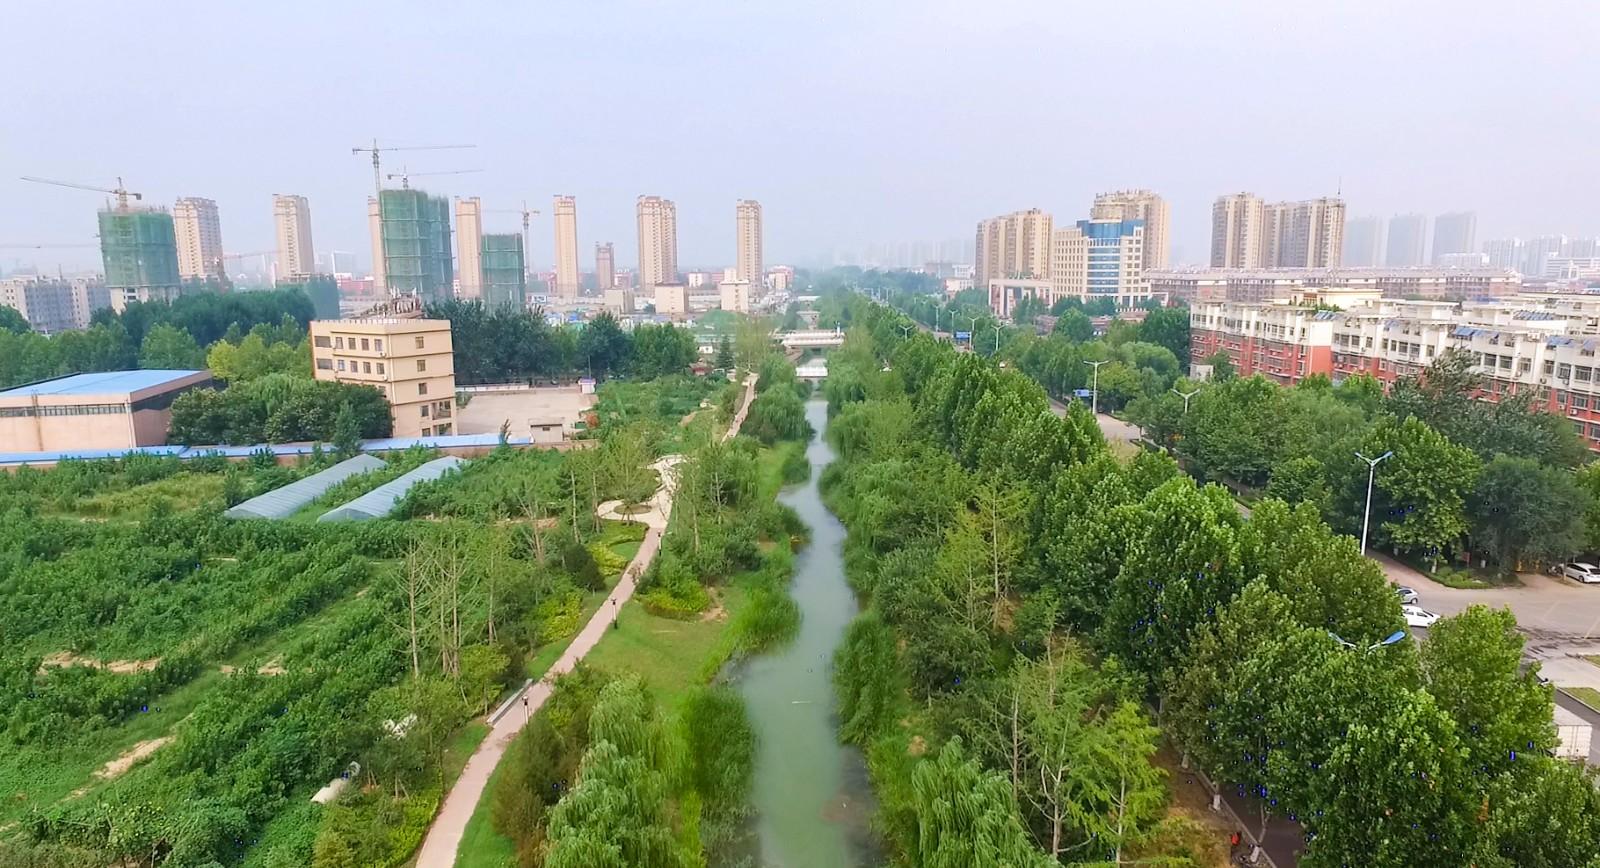 齐河大蒋沟生态治理景观工程